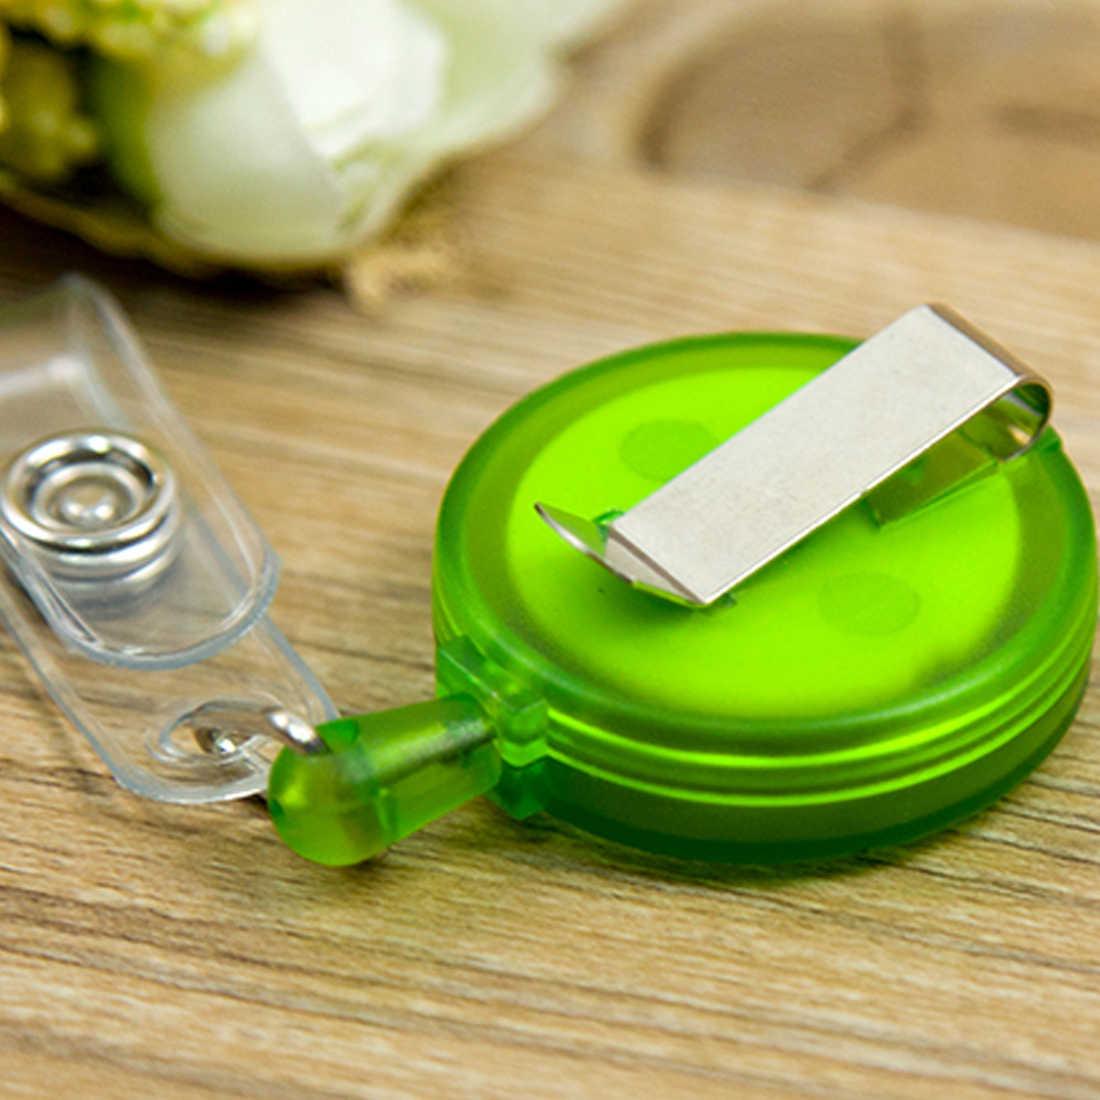 FangNymph компактный дизайн улыбающееся лицо ID держатель Имя тег карты ключ со значком выдвижной держатель круглый сплошной полупрозрачный ID держатель